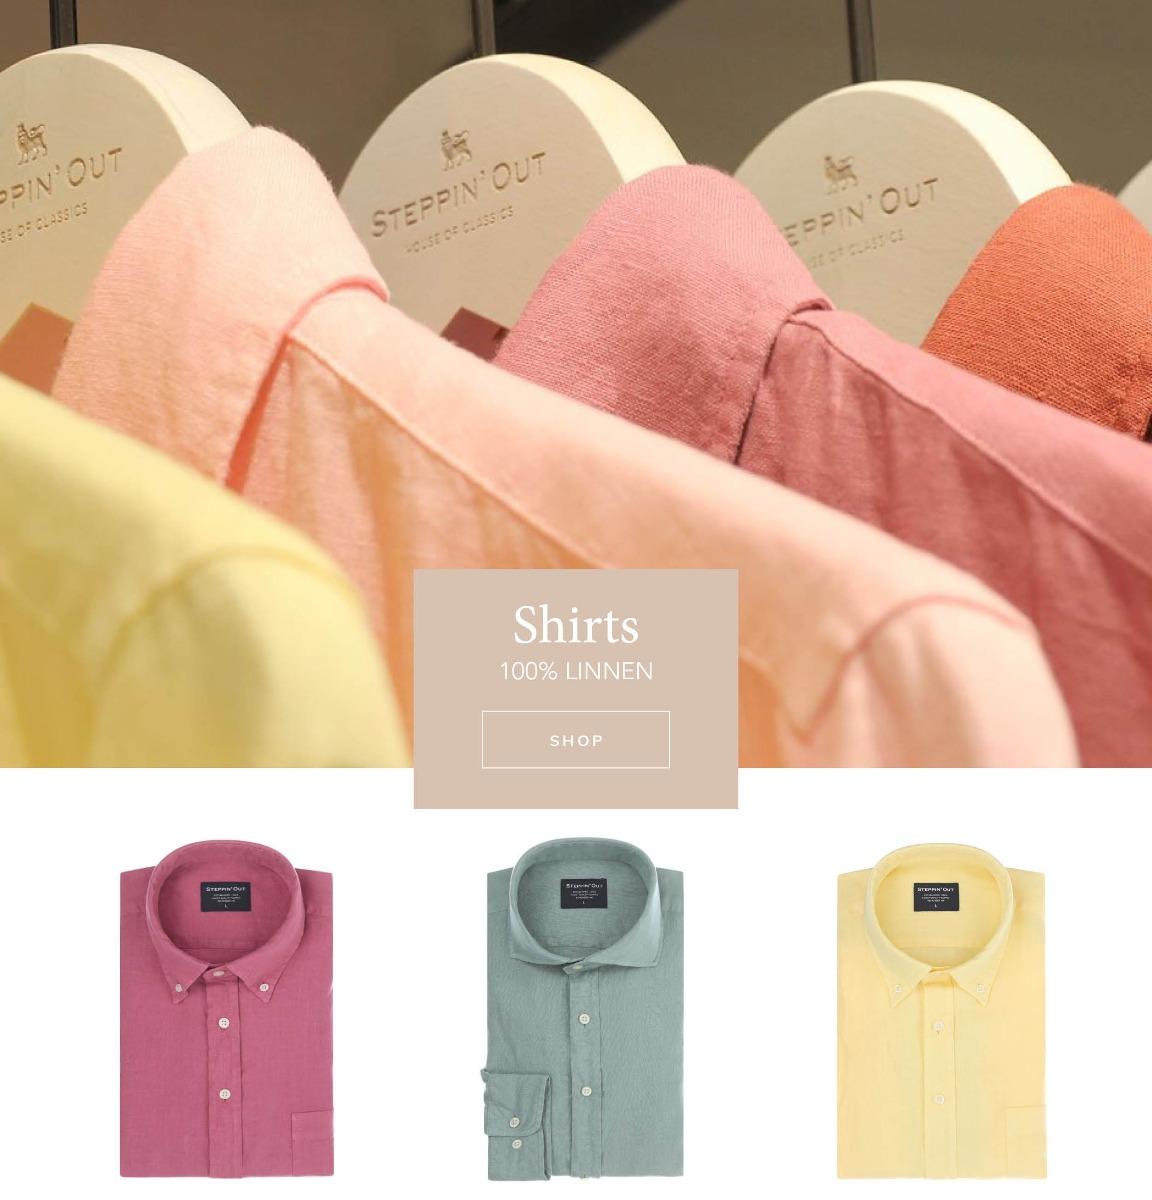 Linnen shirts